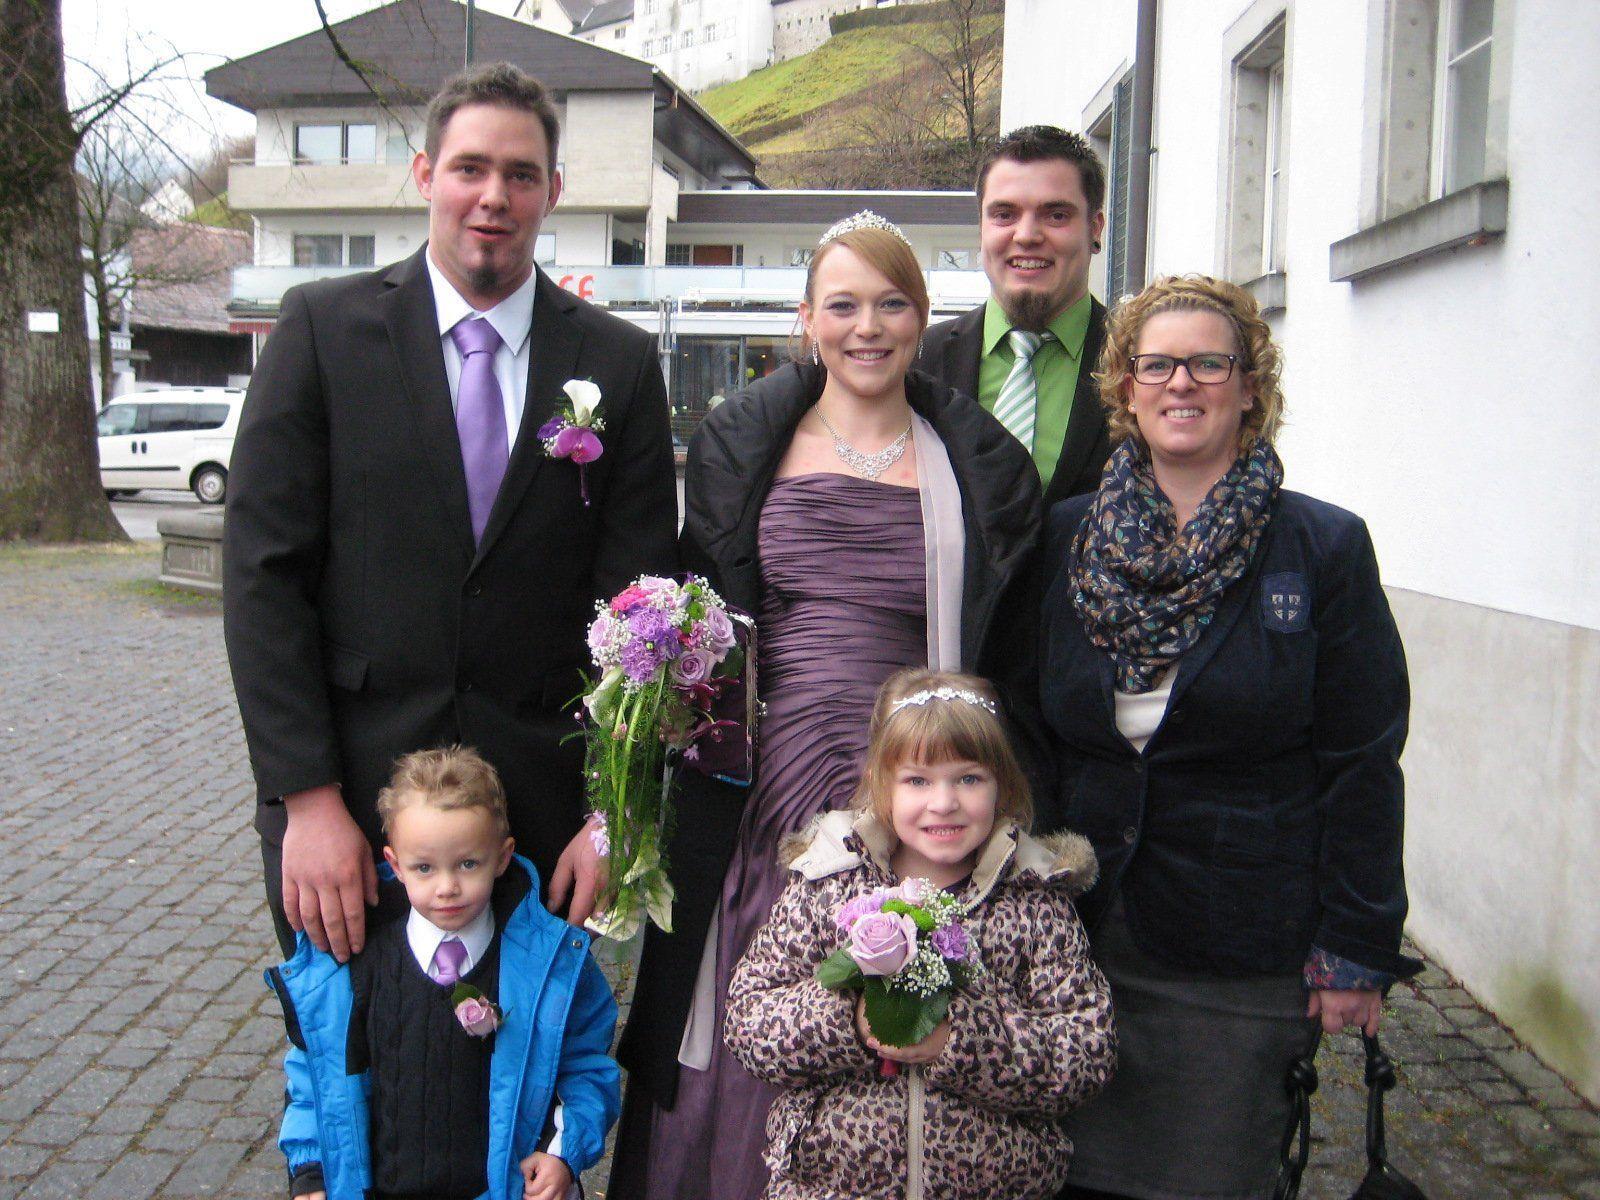 Sabrina Tagwercher und René Sieber haben geheiratet.